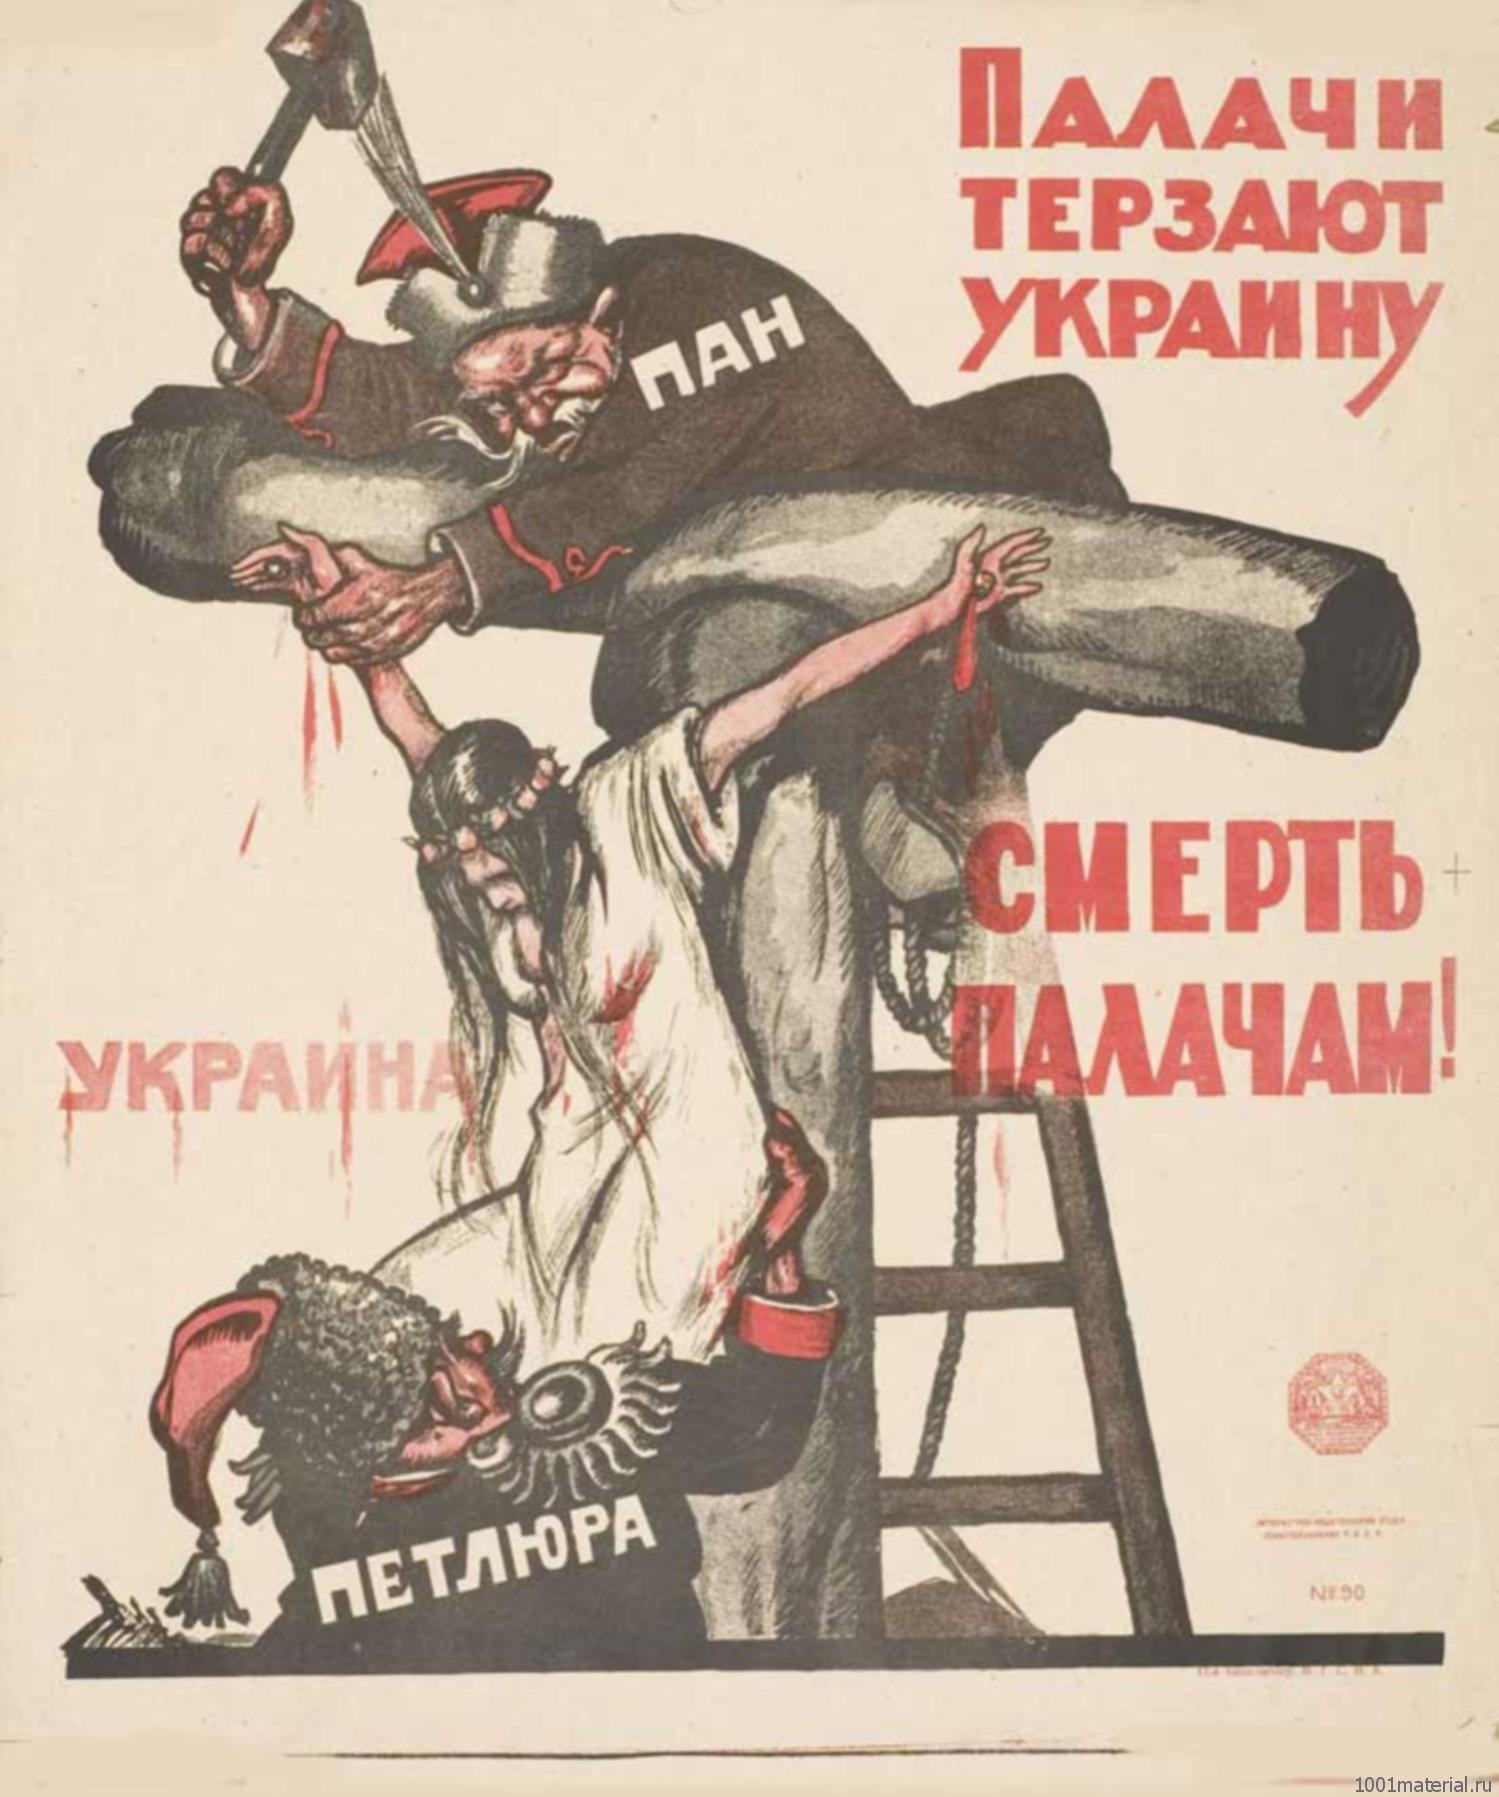 палачи терзают Украину - смерть палачам!